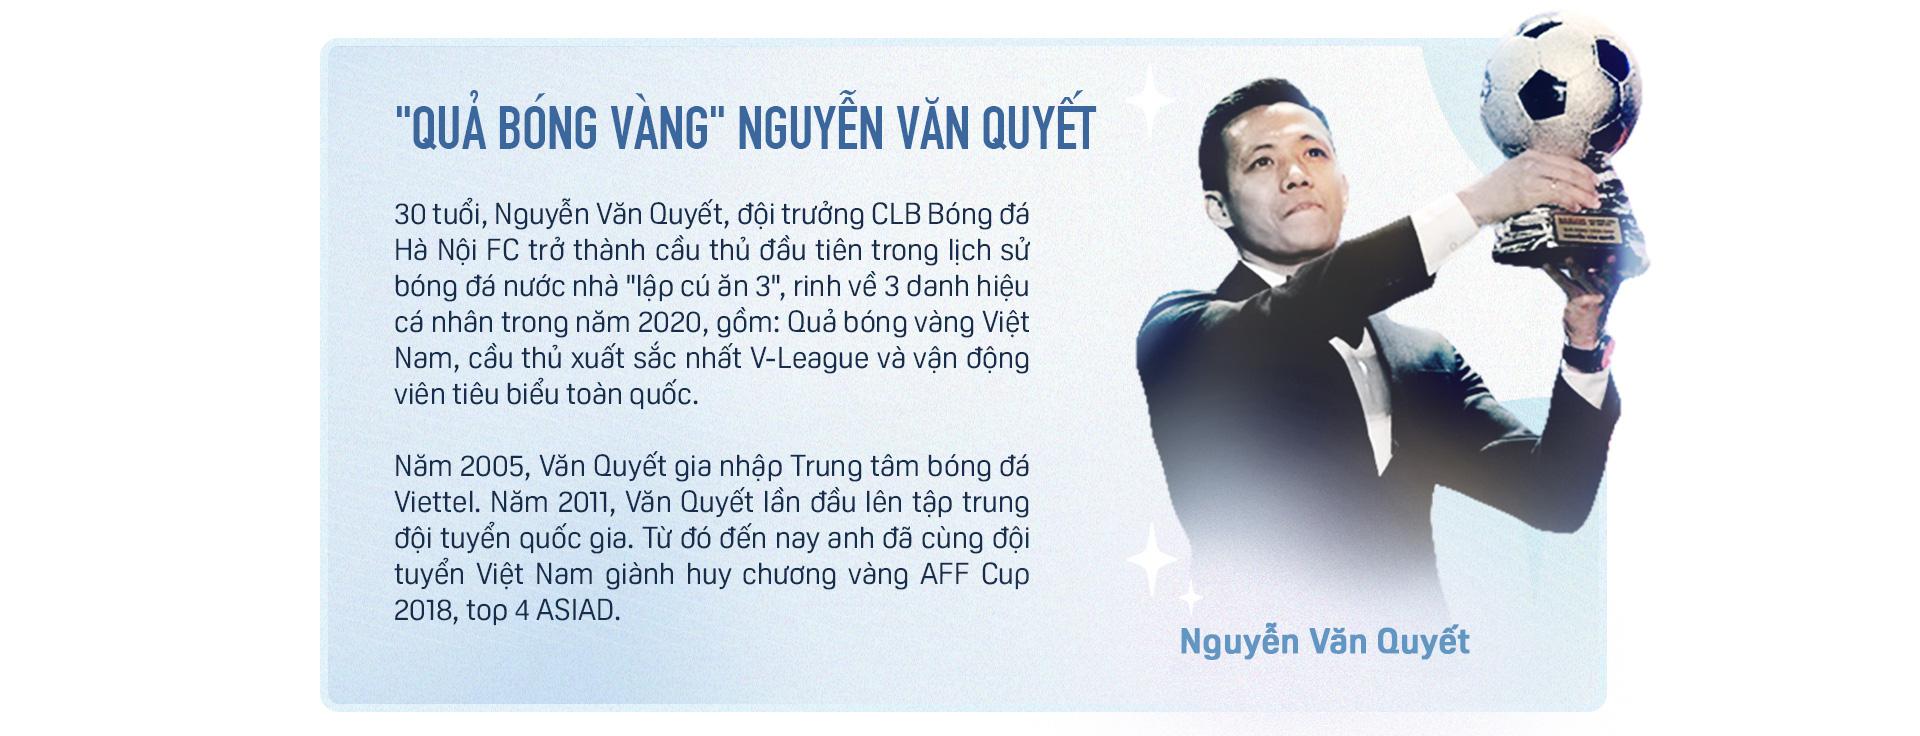 Tự hào xướng tên Việt Nam trên đấu trường quốc tế - Ảnh 18.